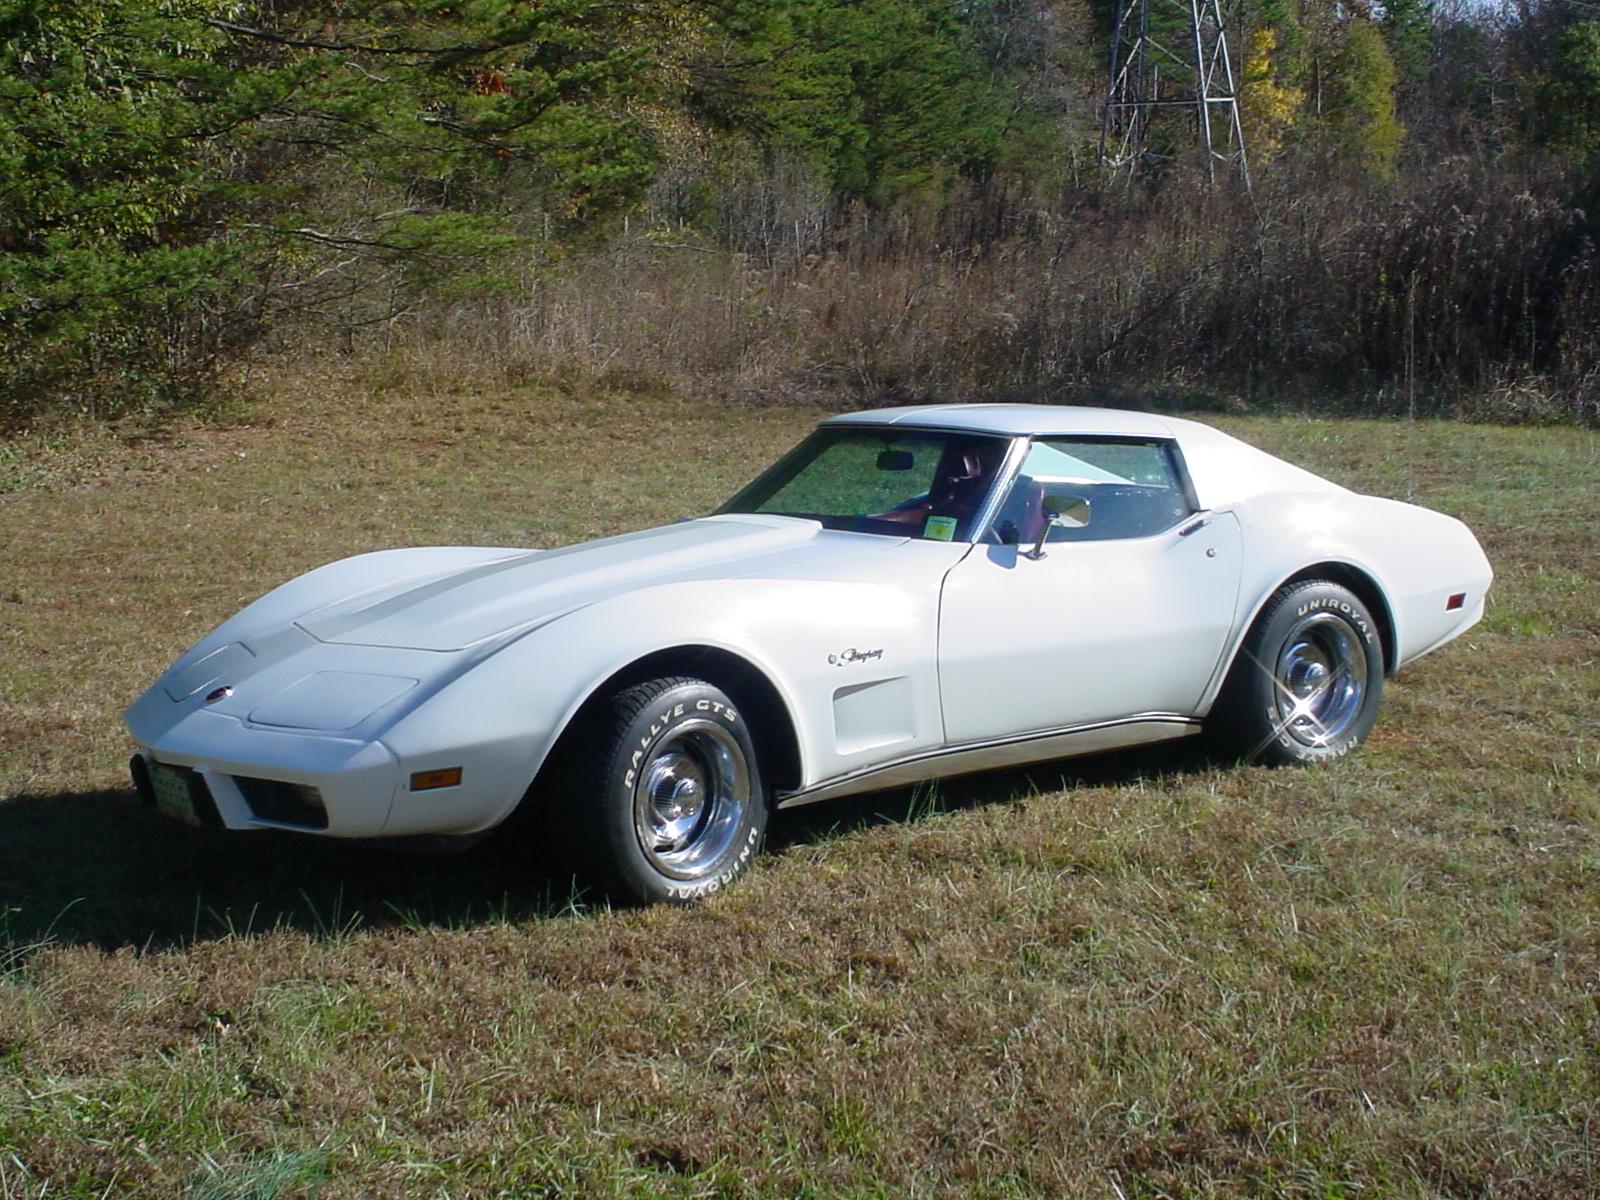 Chevrolet Corvette Coupe Pic